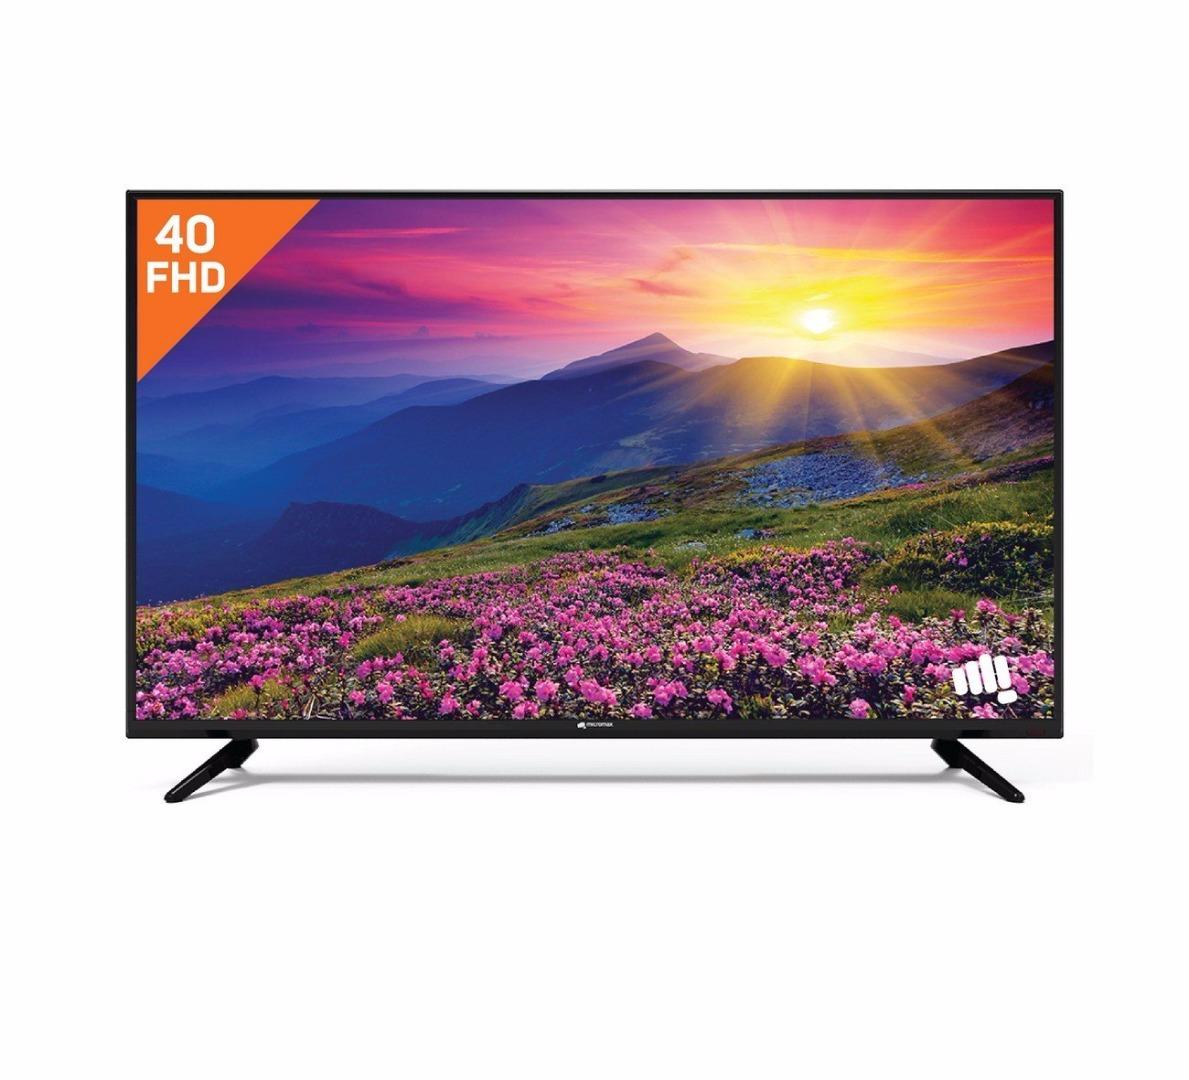 Micromax 40A6300FHD LED TV - 40 Inch, HD (Micromax 40A6300FHD)